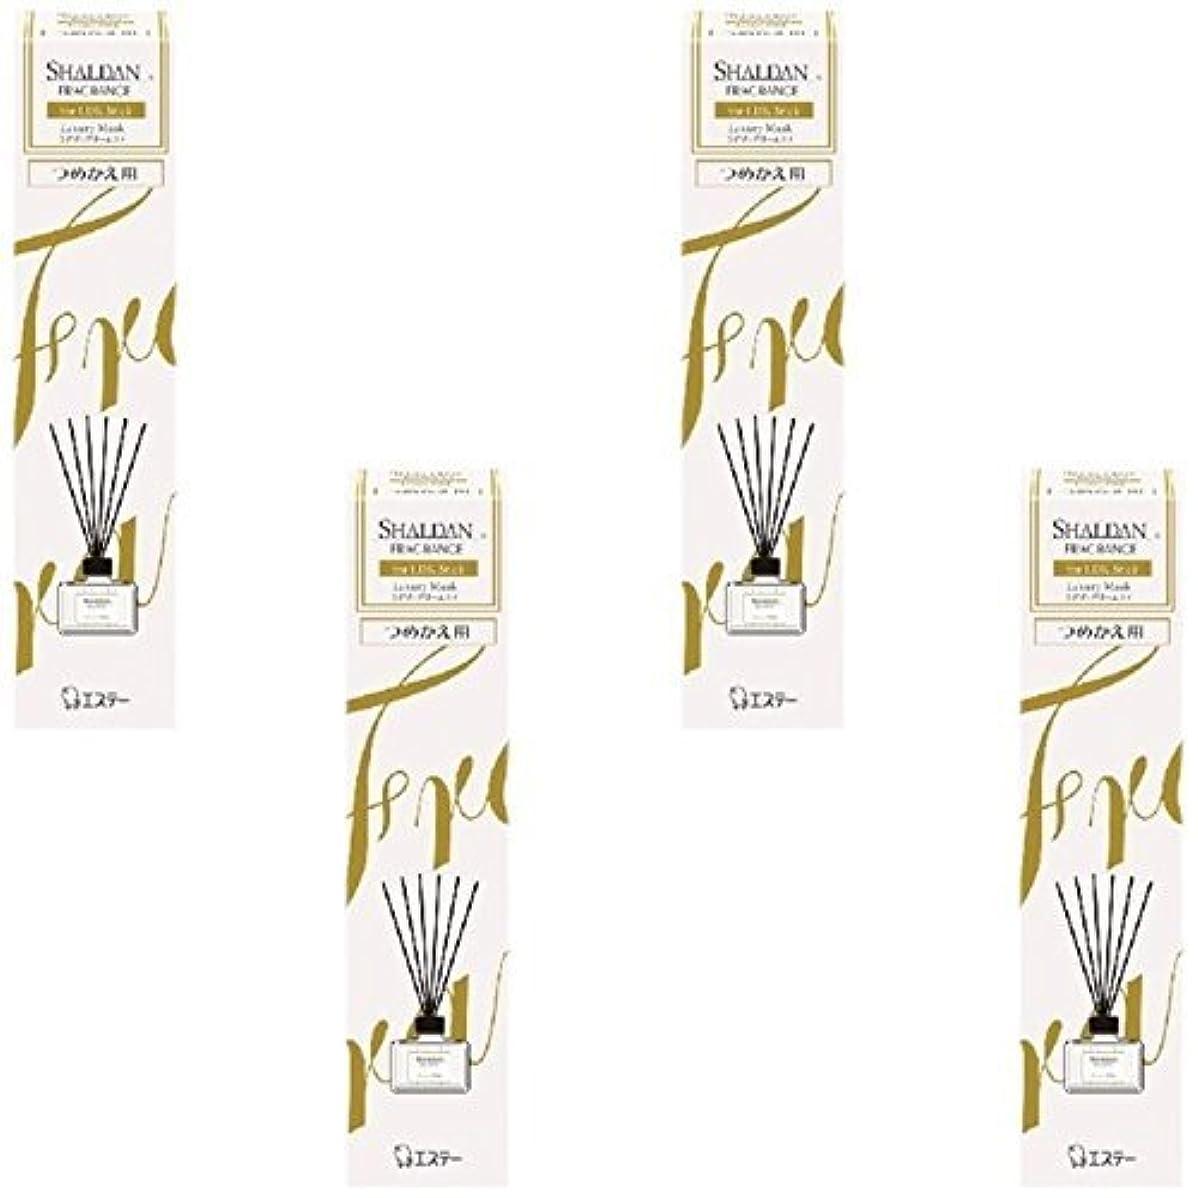 靴ゴールデンマルクス主義【まとめ買い】シャルダン SHALDAN フレグランス for LDK Stick 芳香剤 部屋用 つめかえ ラグジュアリームスク 80ml【×4個】